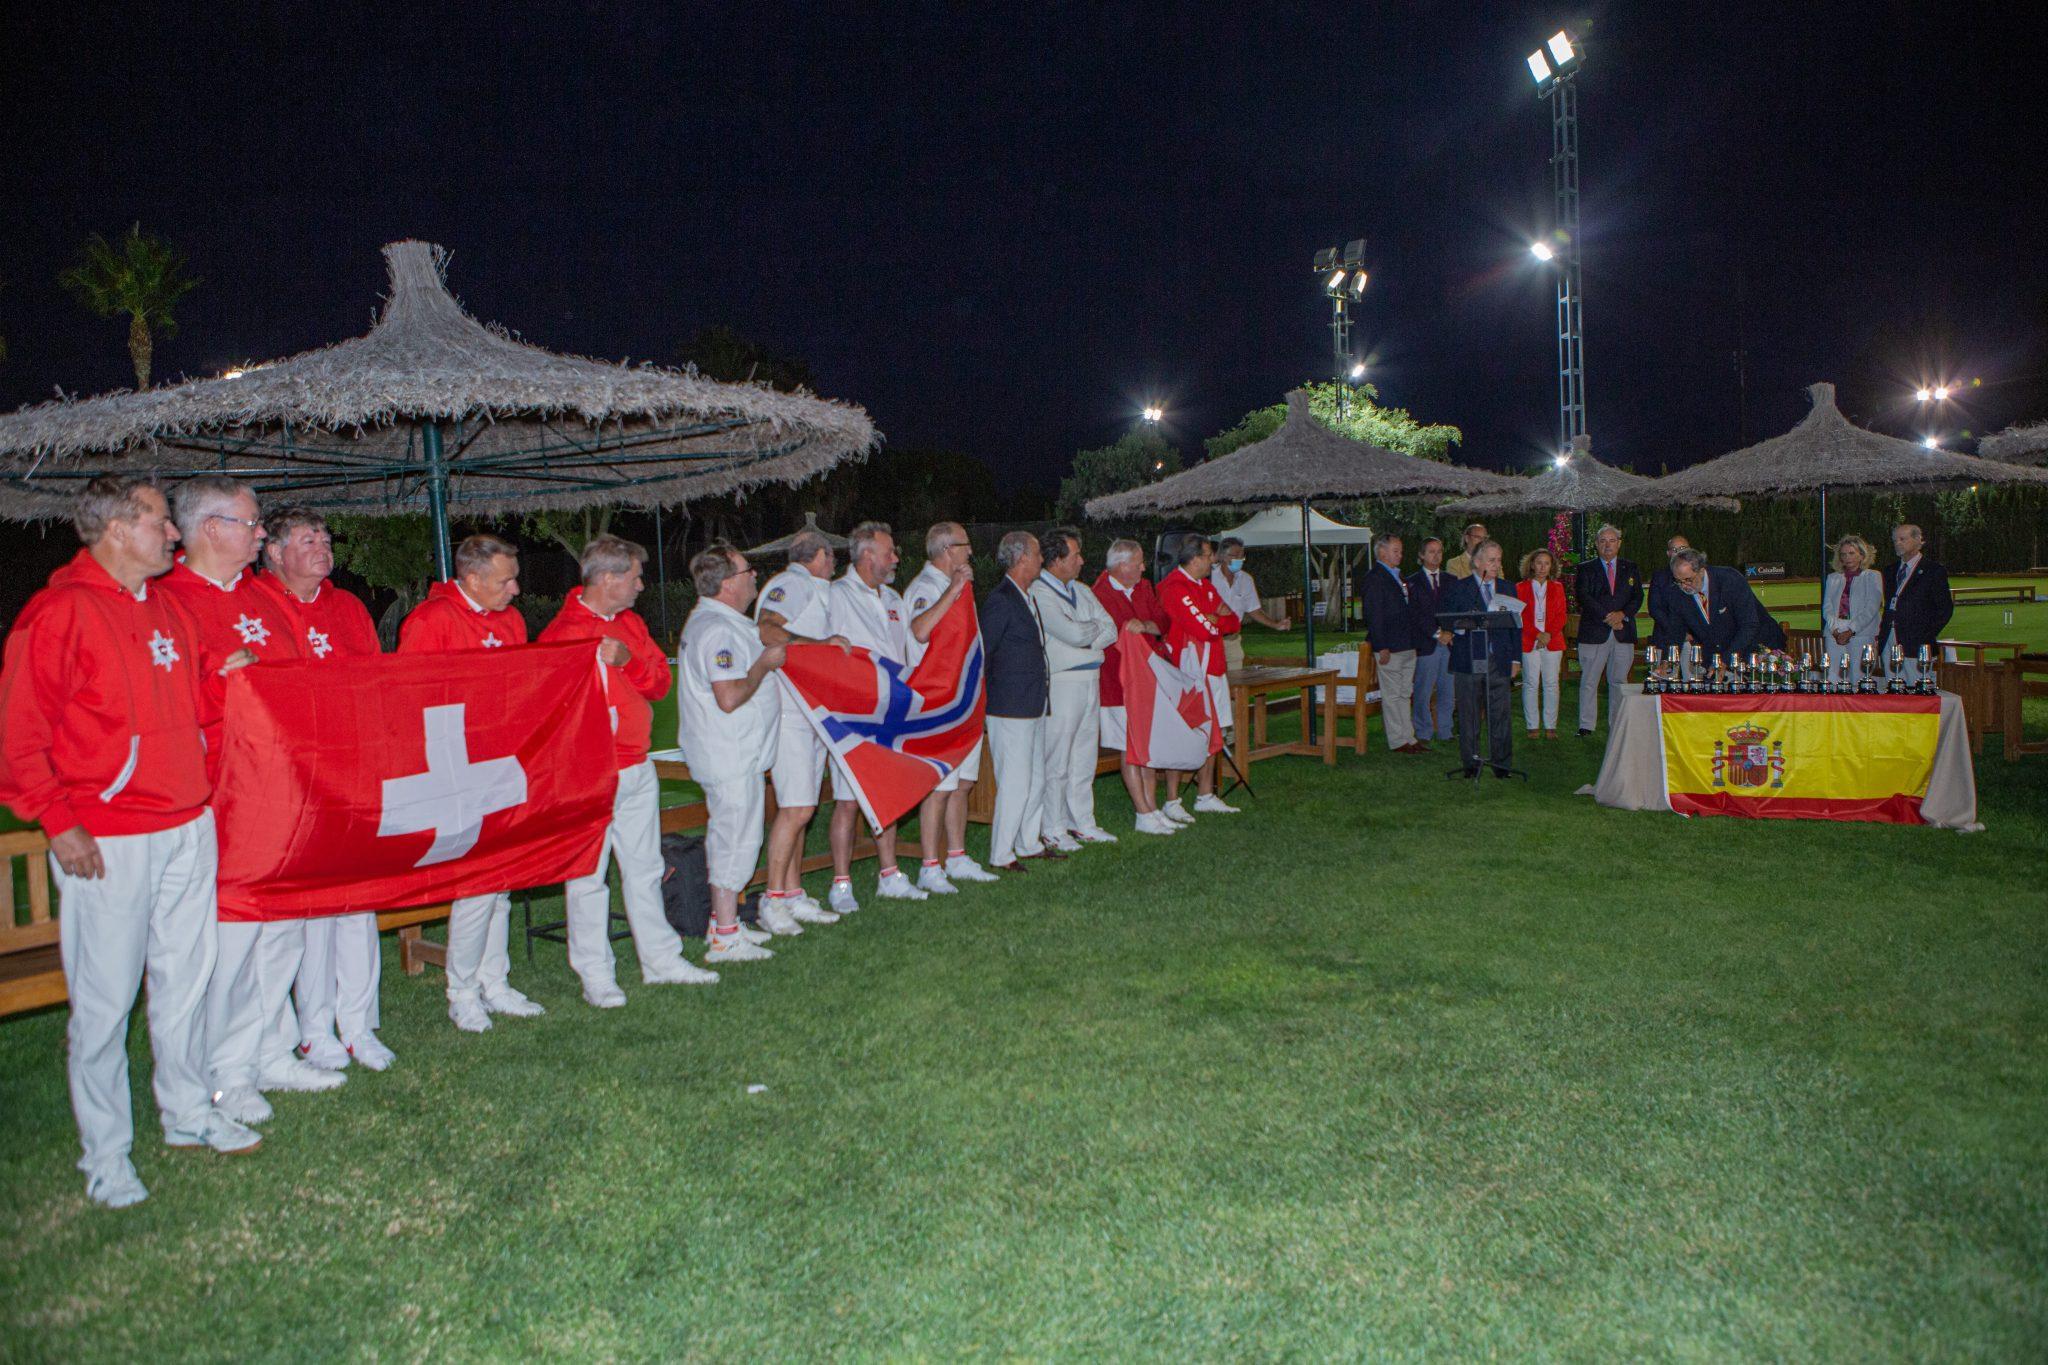 III Campeonato del Mundo de Croquet por Países - Real Novo Sancti Petri 166